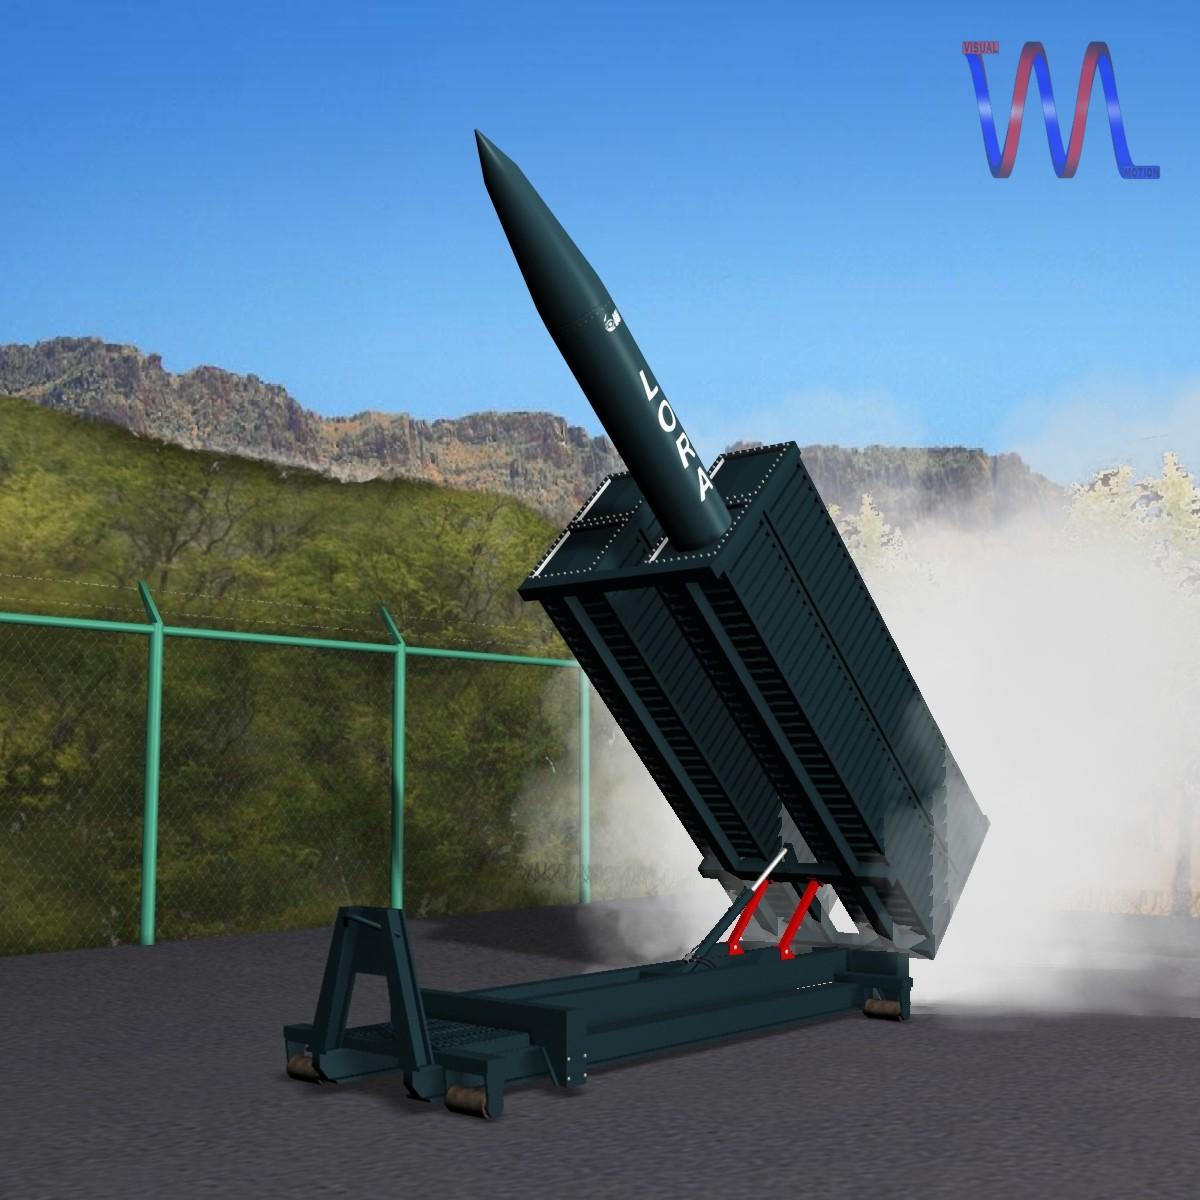 lora missile launcher 3d model 3ds dxf fbx blend cob dae x obj 217689